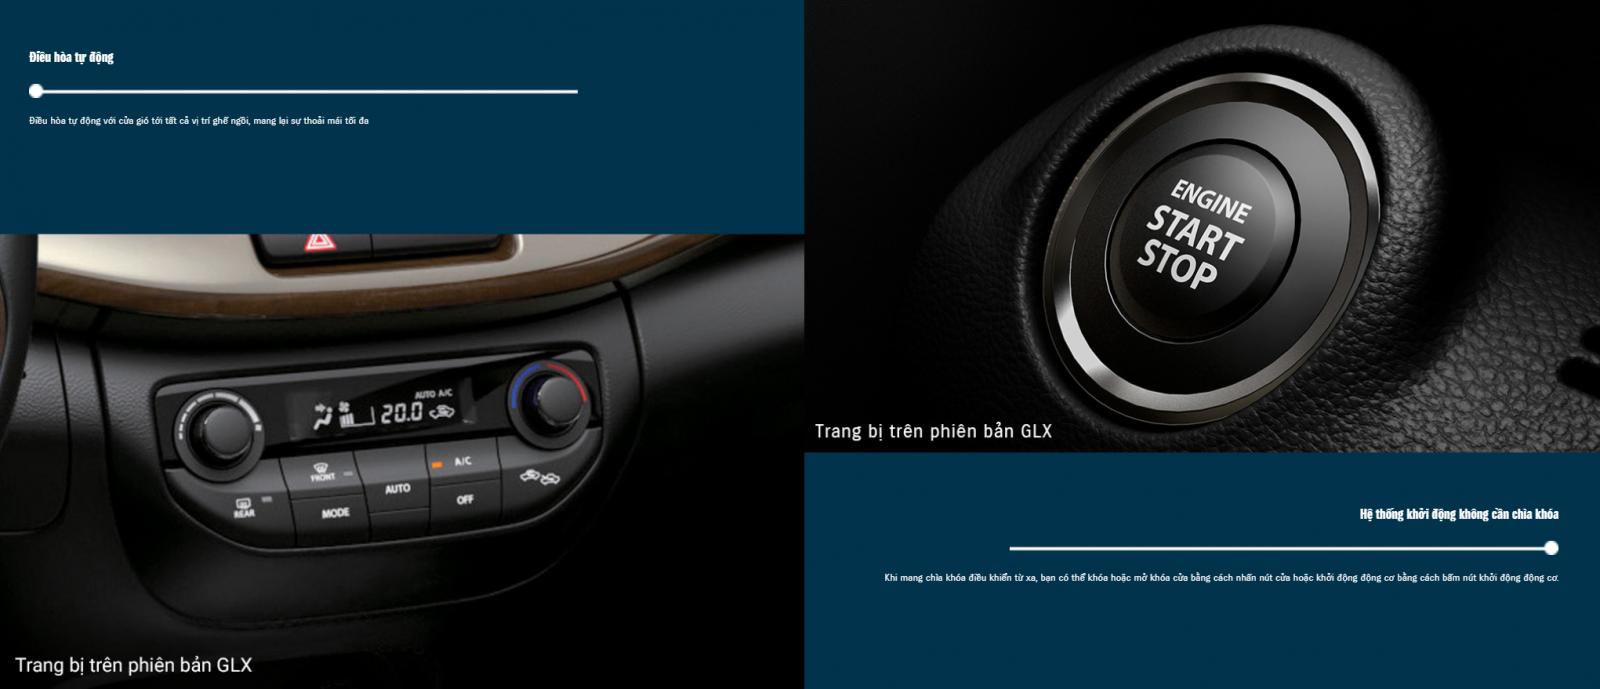 Xe ô tô Suzuki Ertiga được tích hợp điều hòa tự động và hệ thống khởi động xe không cần chìa khóa